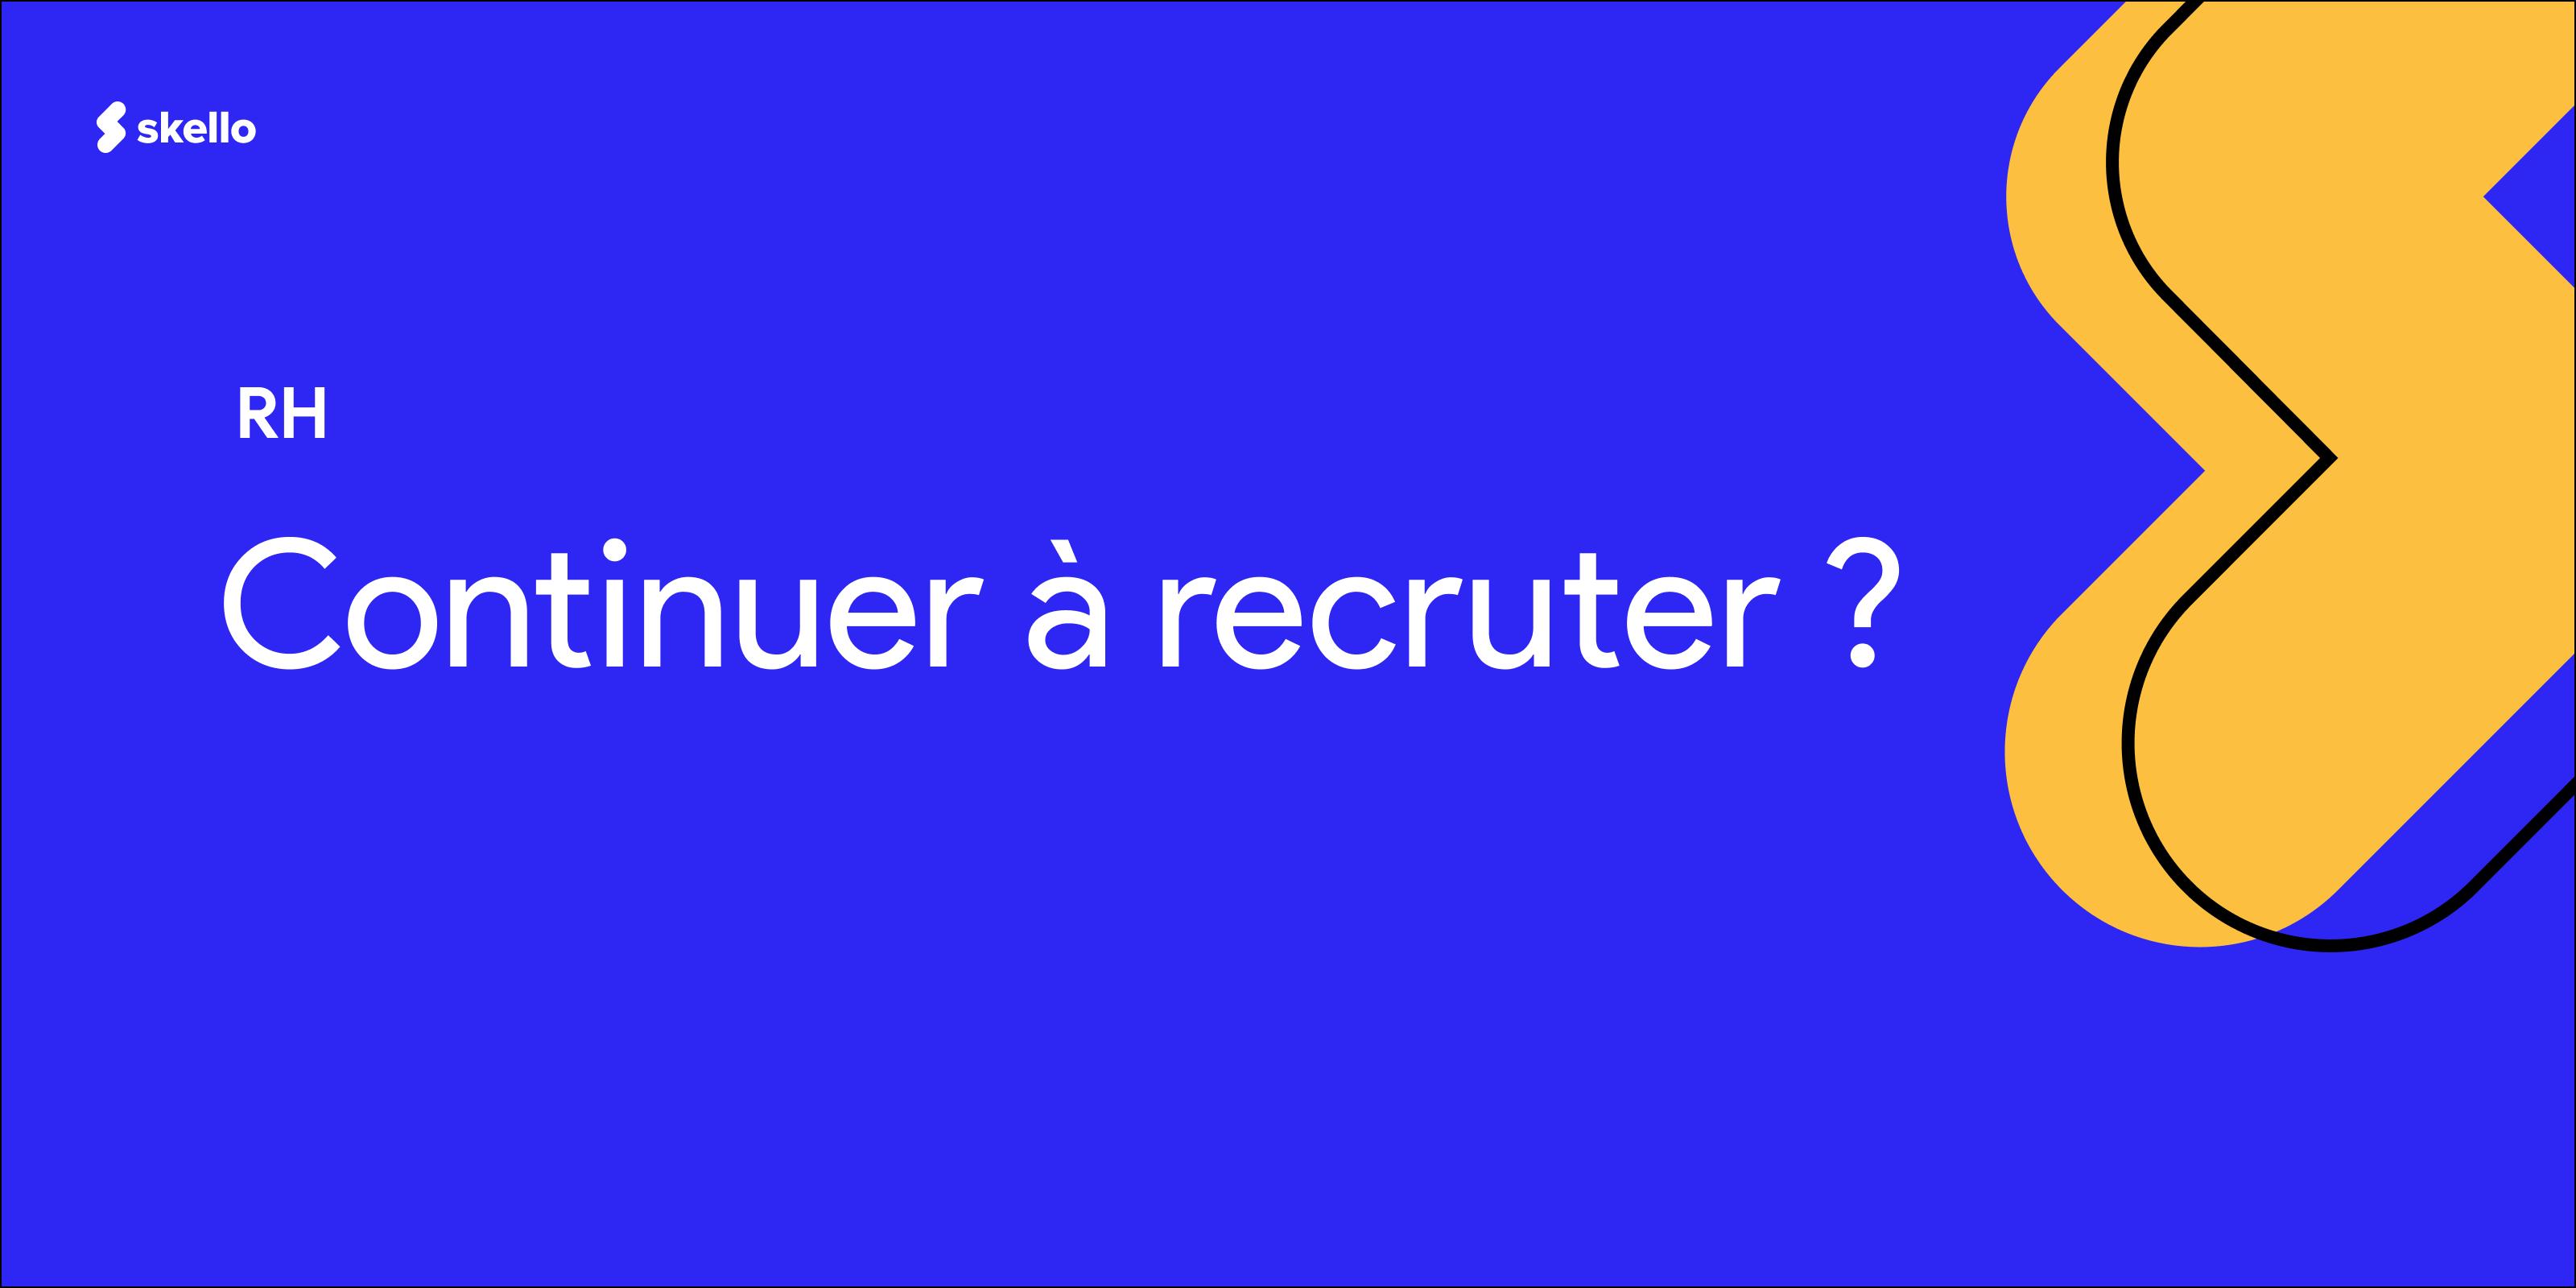 Pourquoi devriez-vous continuer à recruter?